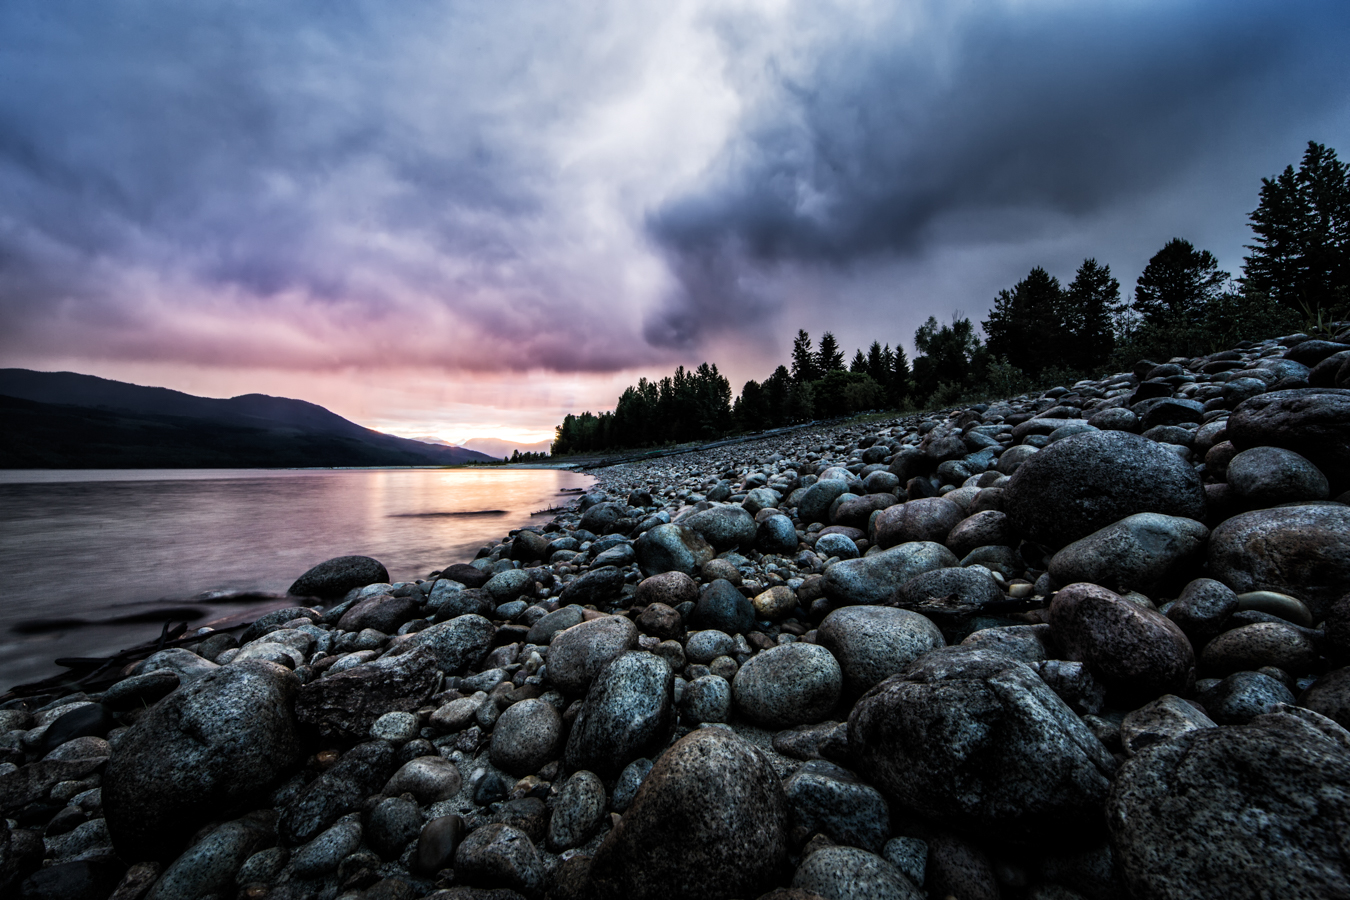 Stone Shore - Nakusp, BC